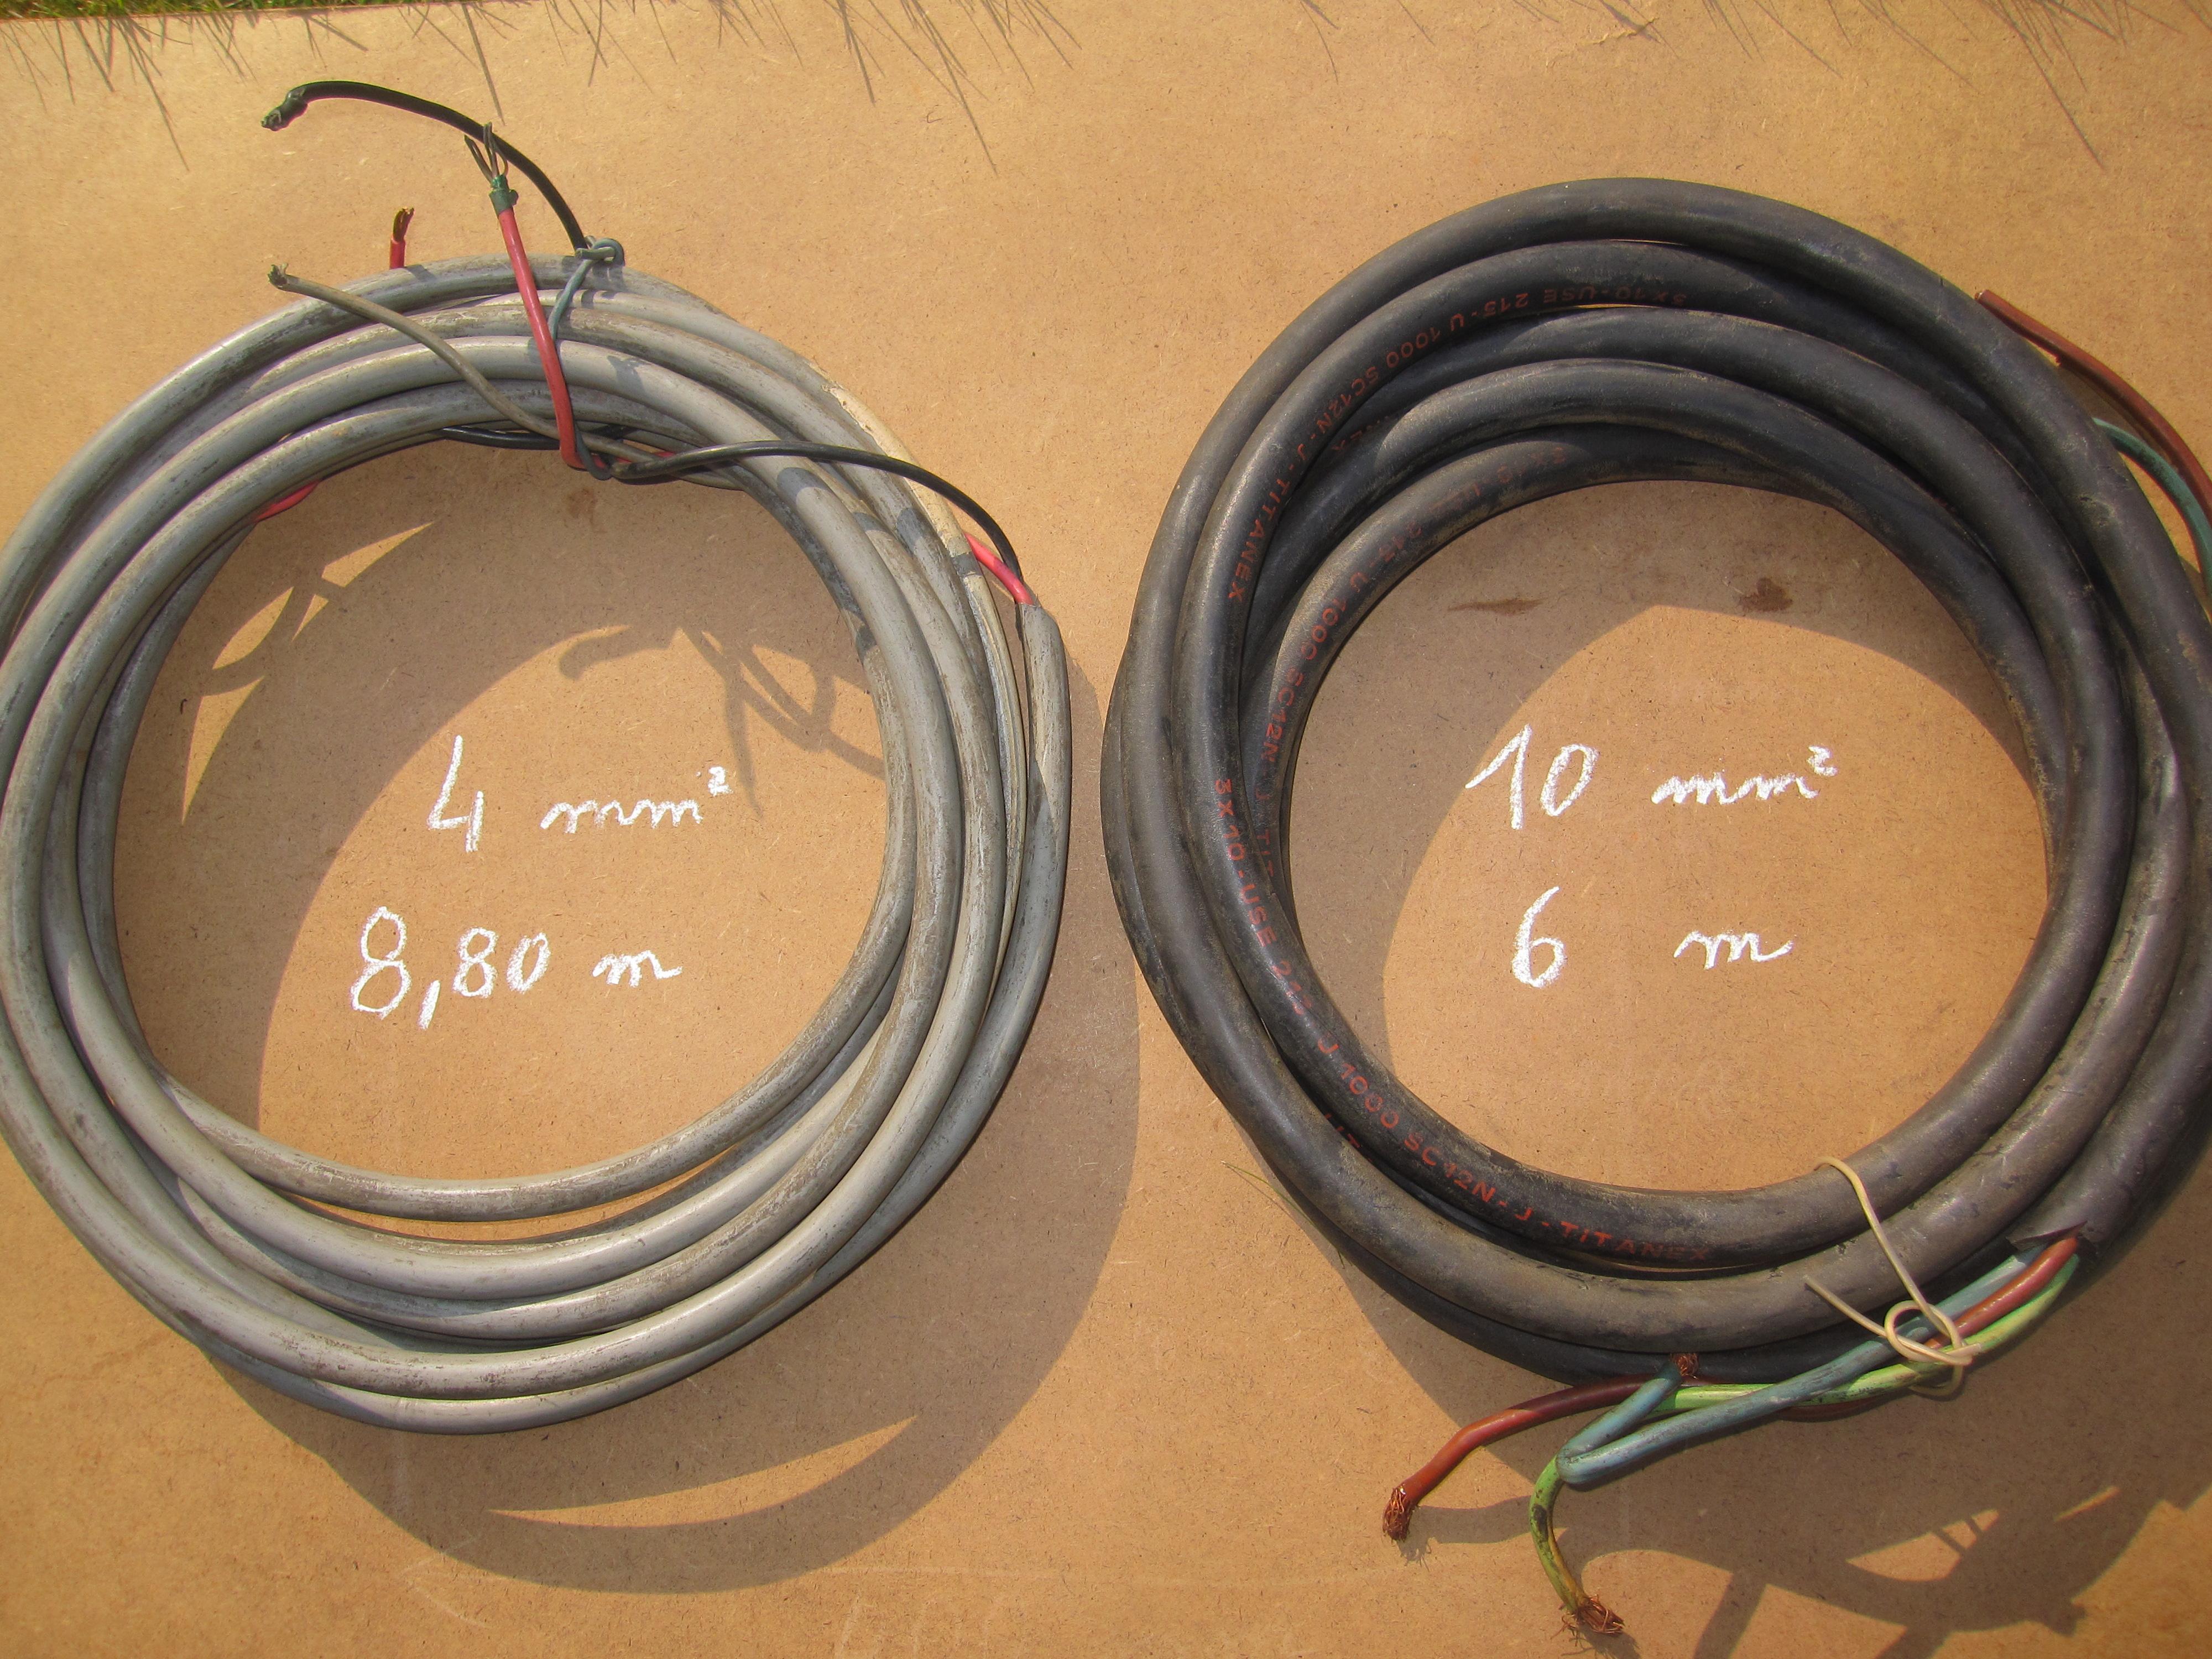 Câble électrique  3G4 mm² 16 m. et  3G6 mm²  6 m. 18 Comines (59)